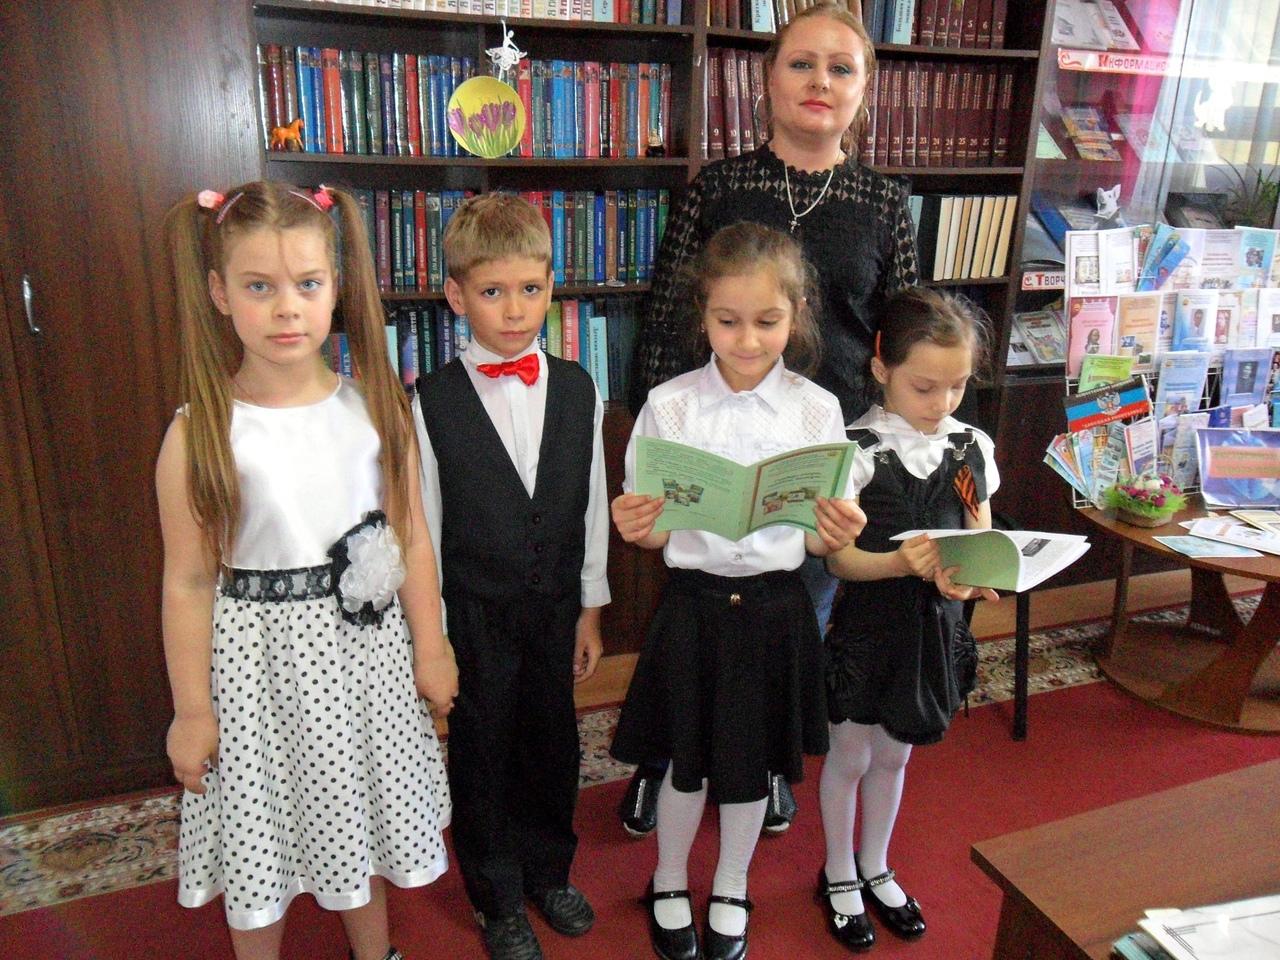 книга и компьютер, библиографический урок, донецкая республиканская библиотека для детей, отдел справочно-библиографического и информационного обслуживания